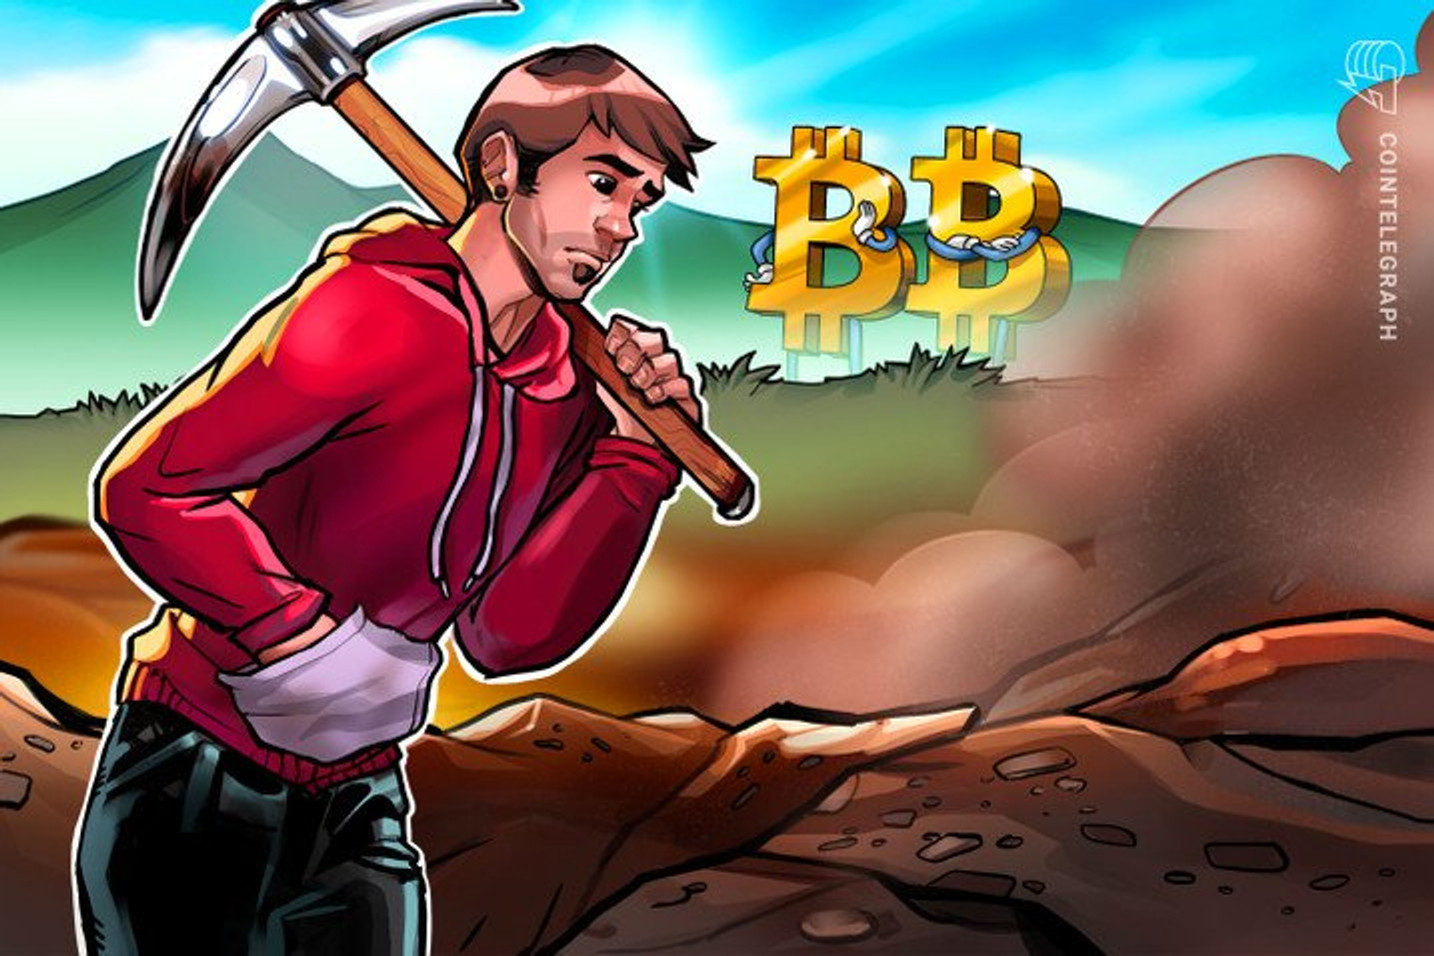 Estamos vivenciando a grande migração da mineração de Bitcoin para fora da China, diz economista brasileiro